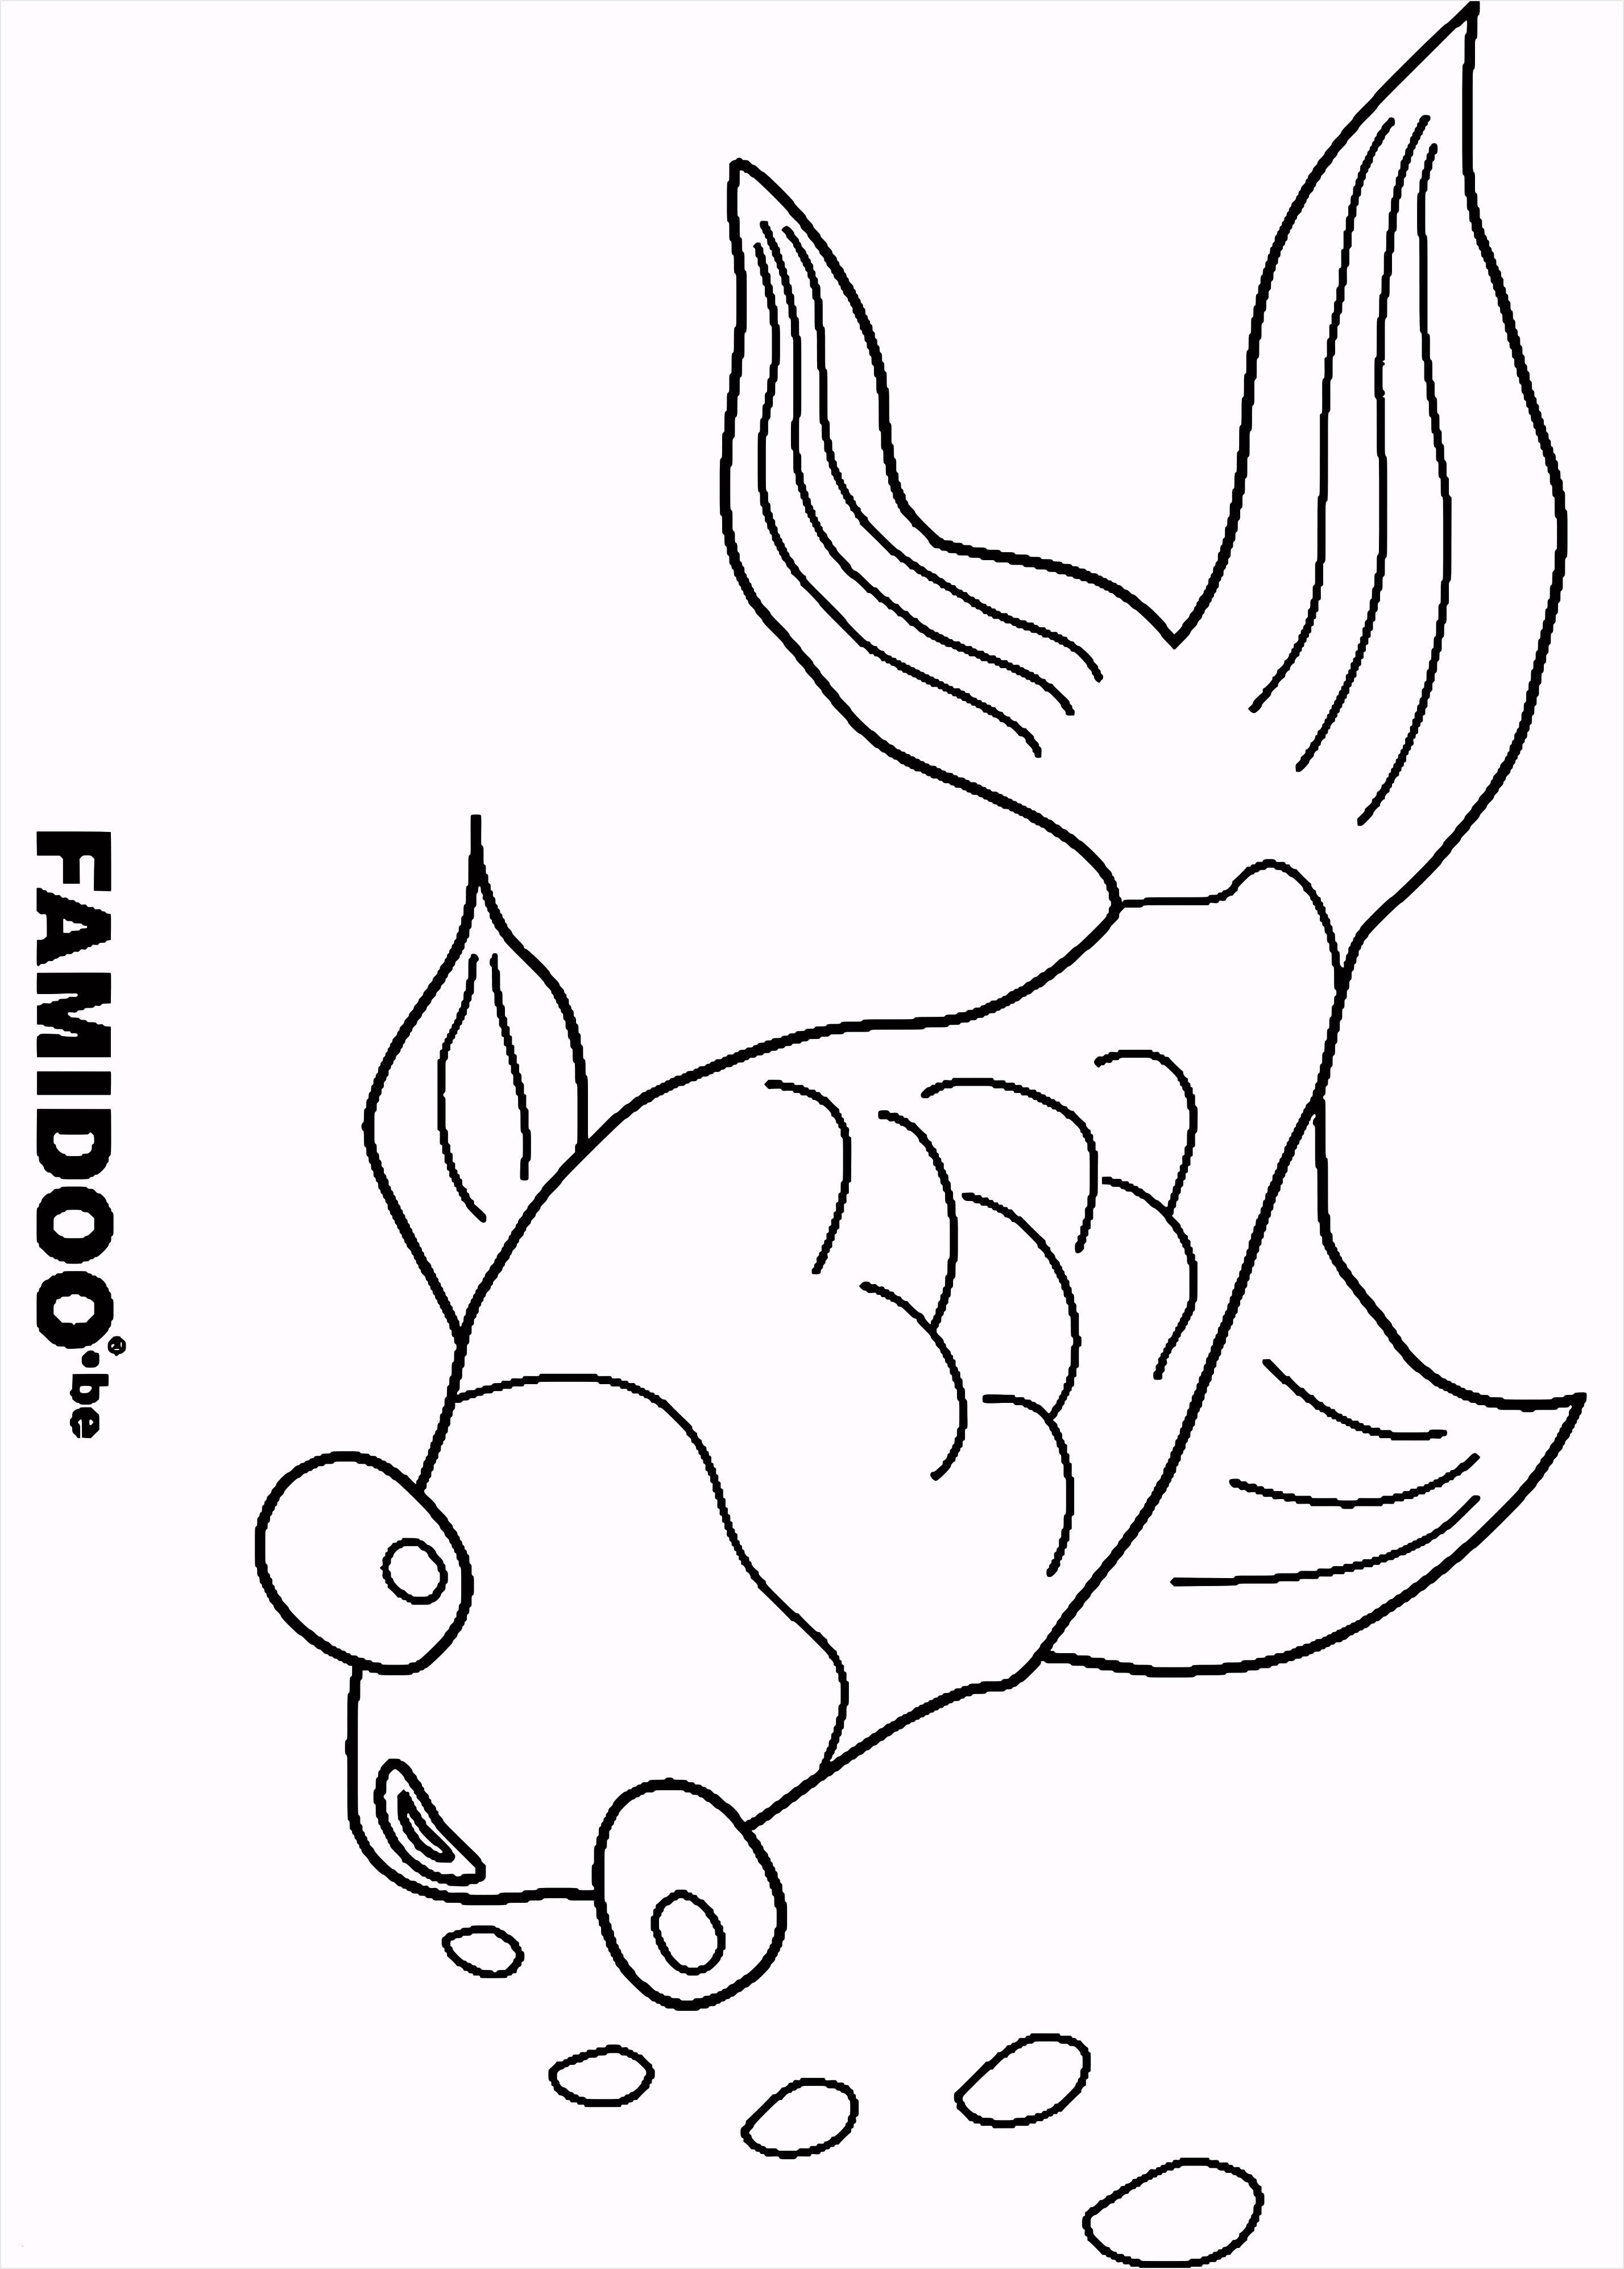 Malvorlagen Fische Das Beste Von Hase Malen Vorlage Neueste Modelle Ausmalbilder Fische Malen E6d5 Bild